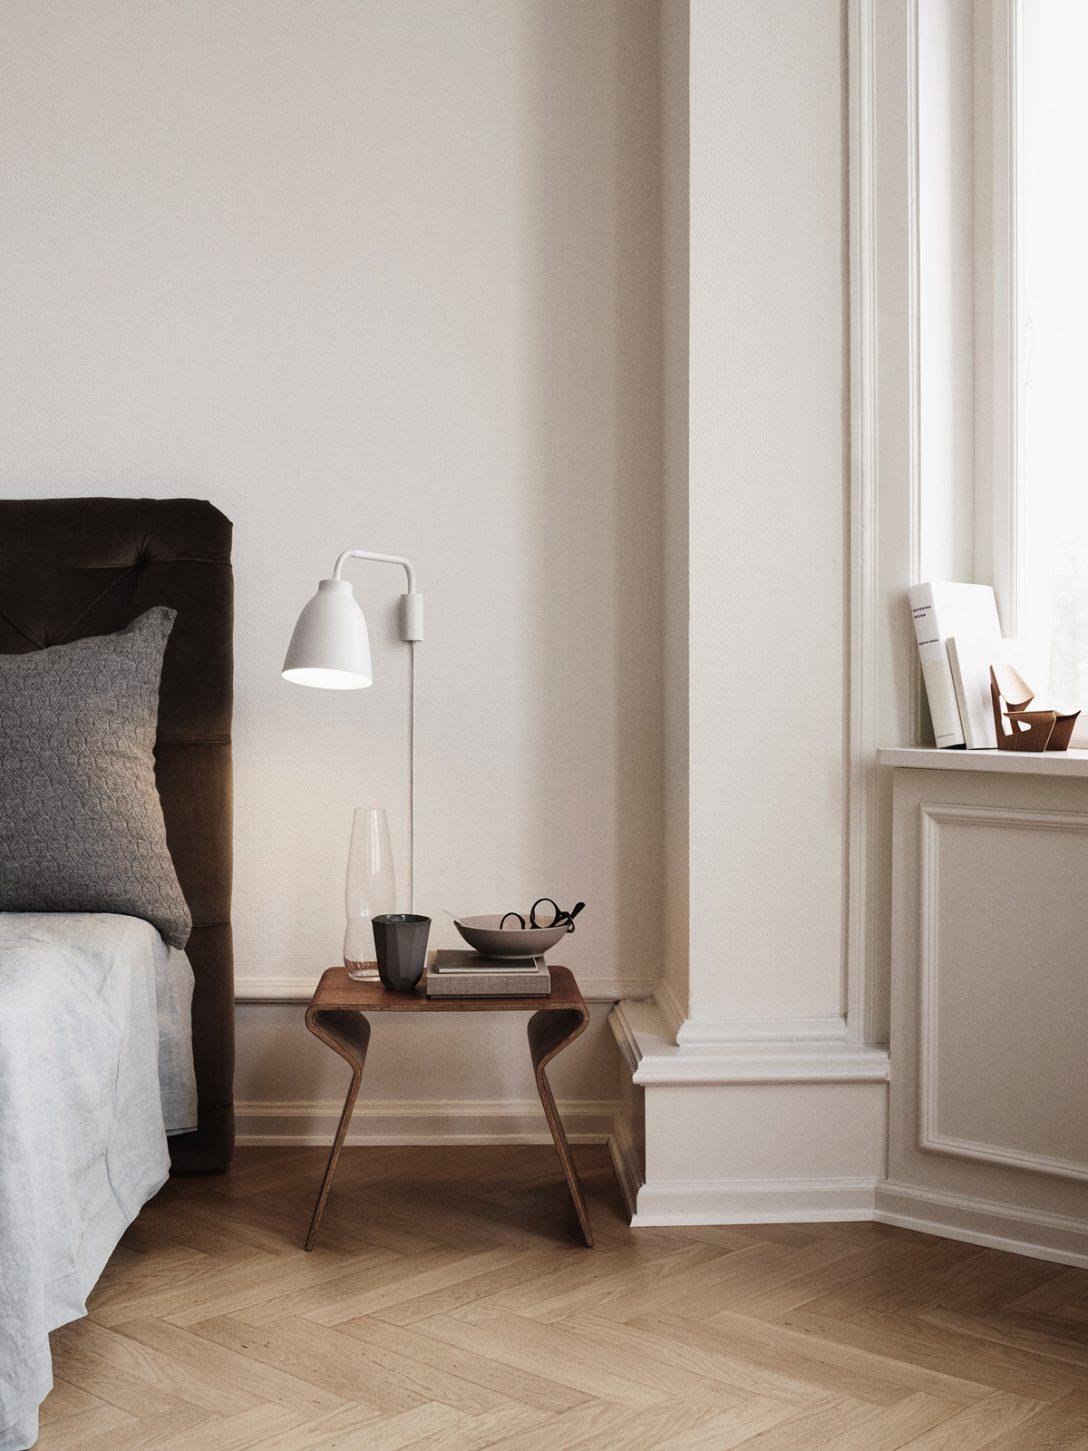 Full Size of Wandlampen Schlafzimmer Schwenkbar Ikea Wandlampe Dimmbar Mit Komplette Set Matratze Und Lattenrost Lampen Komplett Lampe Günstige Guenstig Wandtattoos Wohnzimmer Schlafzimmer Wandlampen